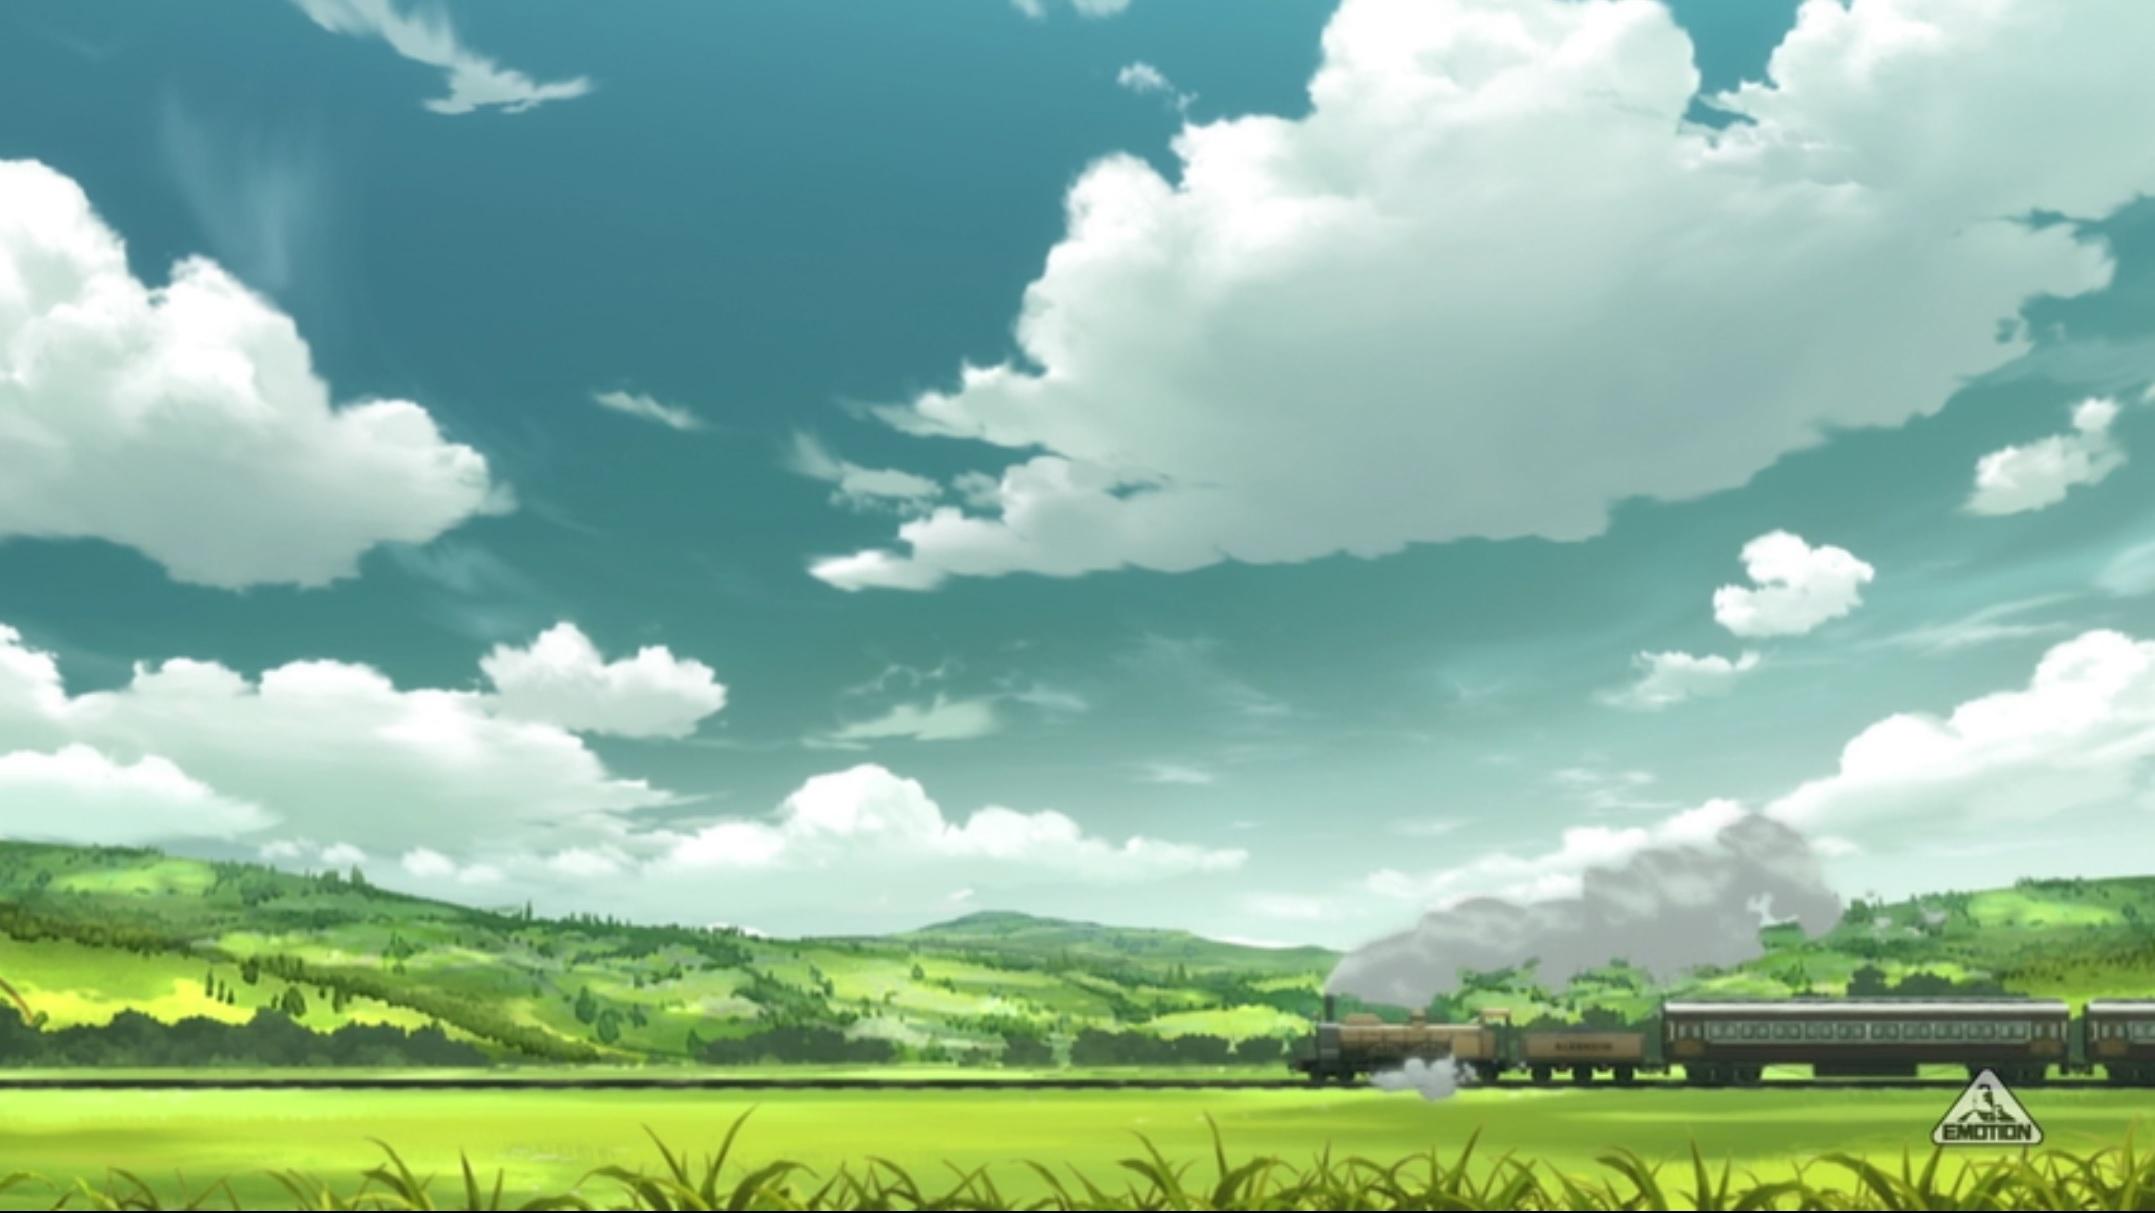 アニメ『プリンセス・プリンシパル』第5話「case7 Bullet & Blade\'s Ballad」における鉄道描写について_f0030574_00331093.jpg